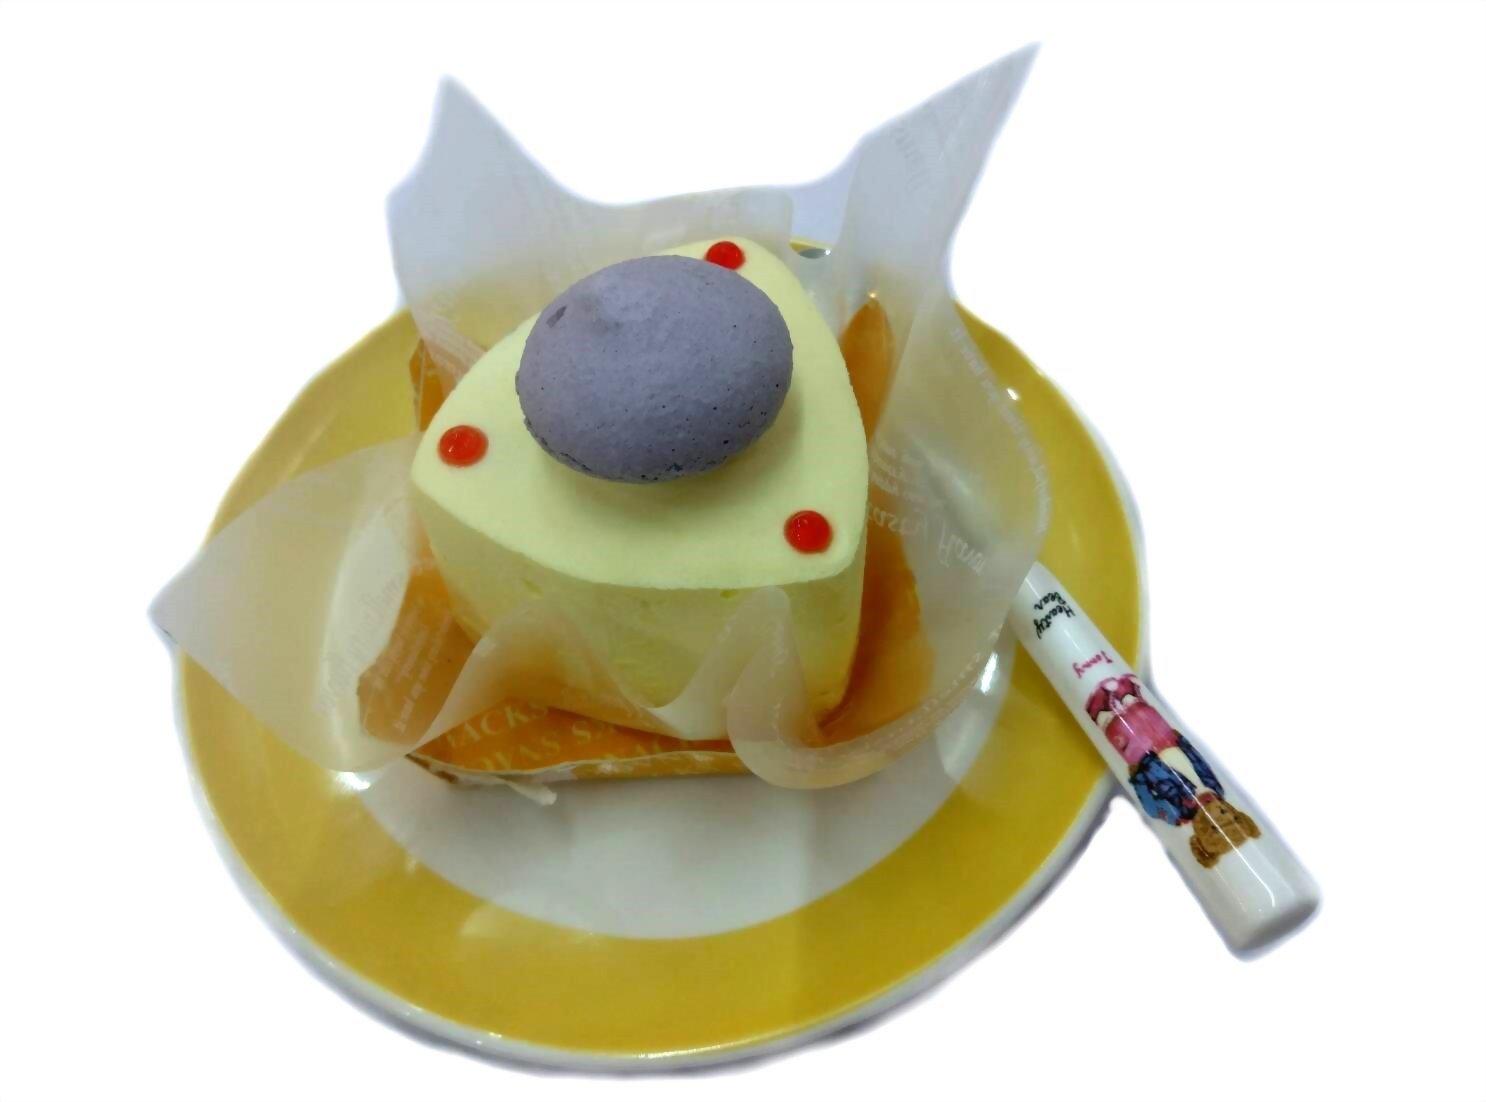 切片蛋糕 | 優仕紳夏之雪